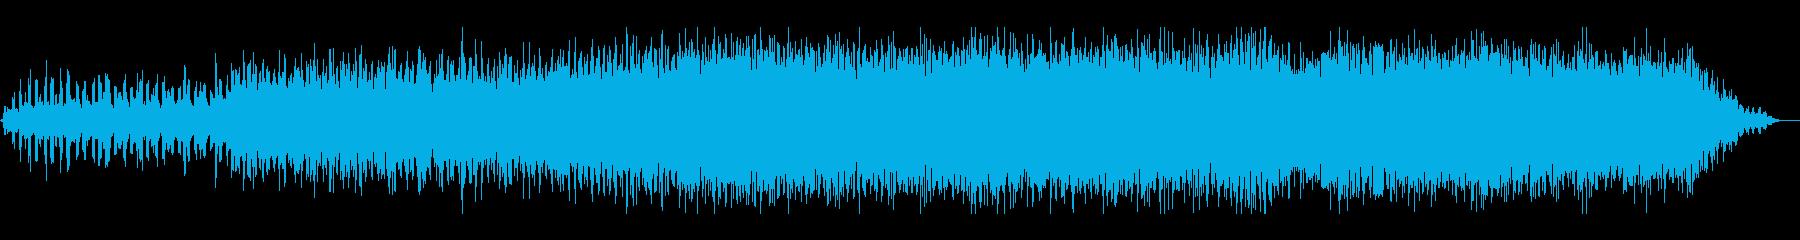 這いずり回るようなホラーアンビエントの再生済みの波形